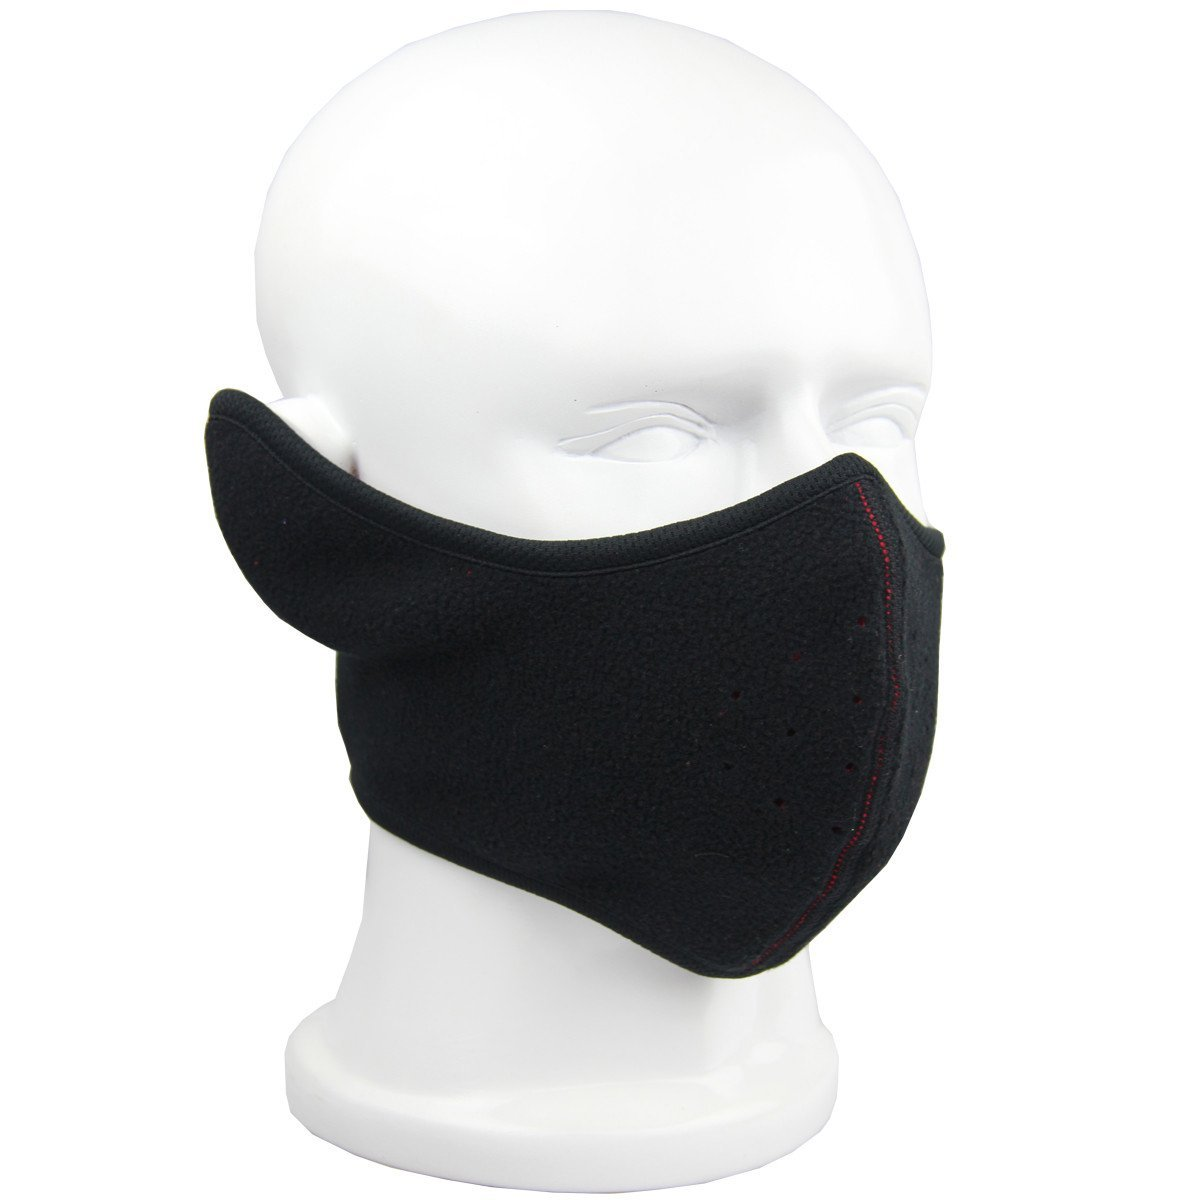 ECYC Reversible Breathable Fleece Ear Nose Warmer Half Face Mask Facemask Facial Mask